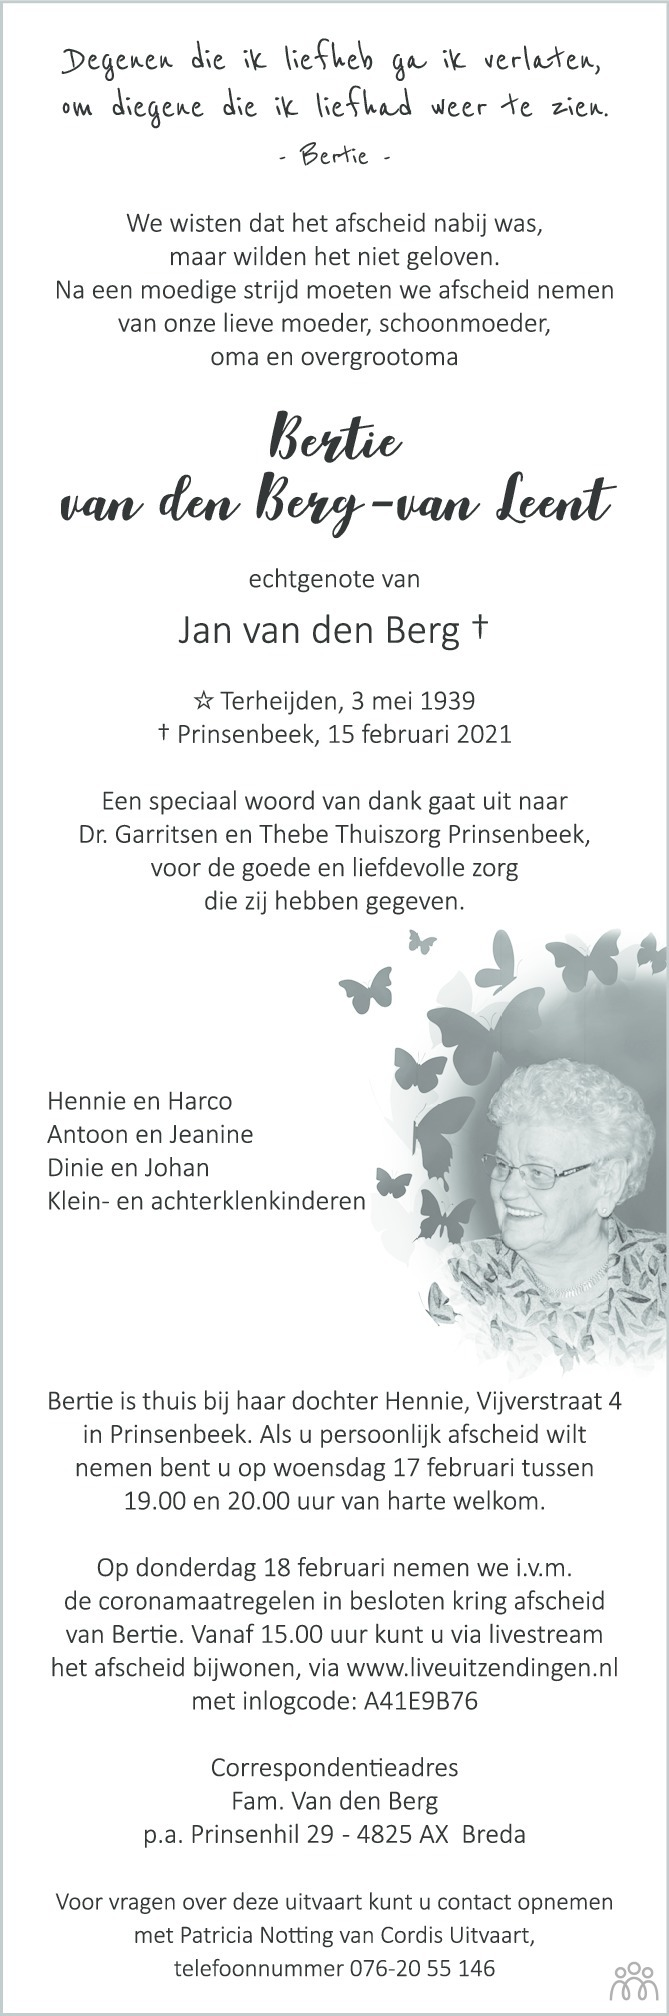 Overlijdensbericht van Bertie van den Berg-van Leent in BN DeStem